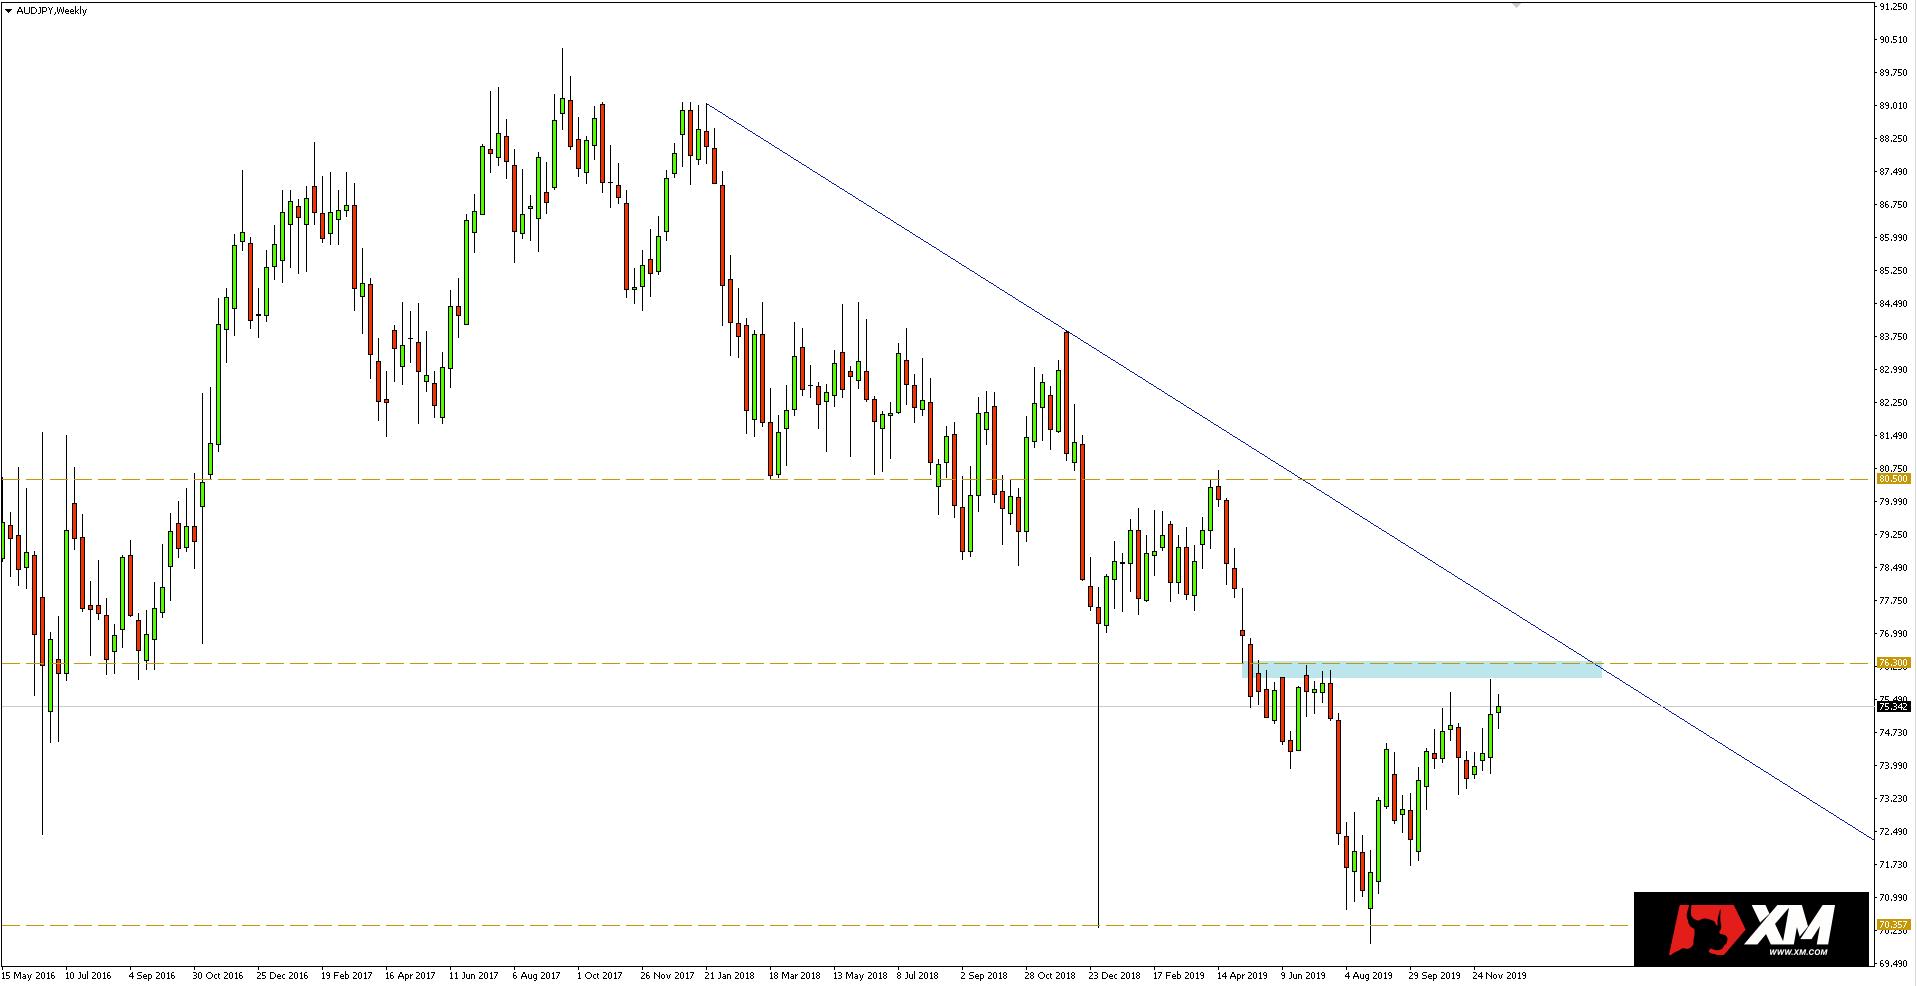 Wykres tygodniowy pary walutowej AUDJPY - 20.12.2019 r.